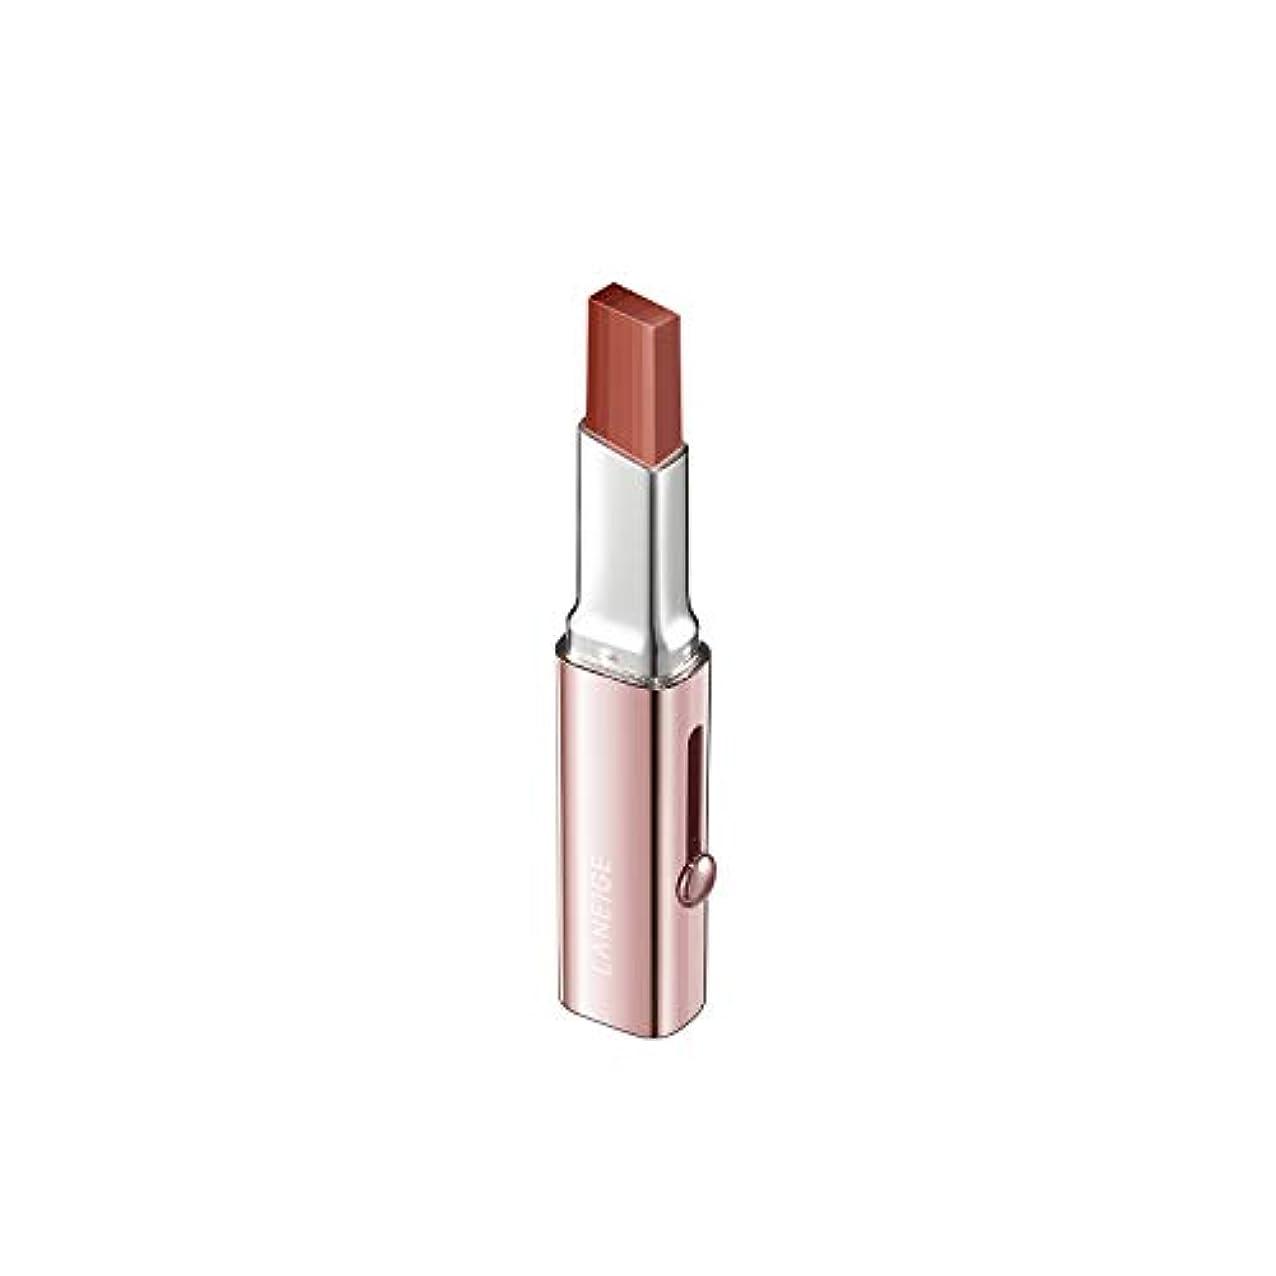 香水オリエント黙【ラネージュ】階層リップバー(1.9G)/ Layering Lip Bar-6つのカラーでのグラデーションカラー演出 (#15 SHAY BEIGE)